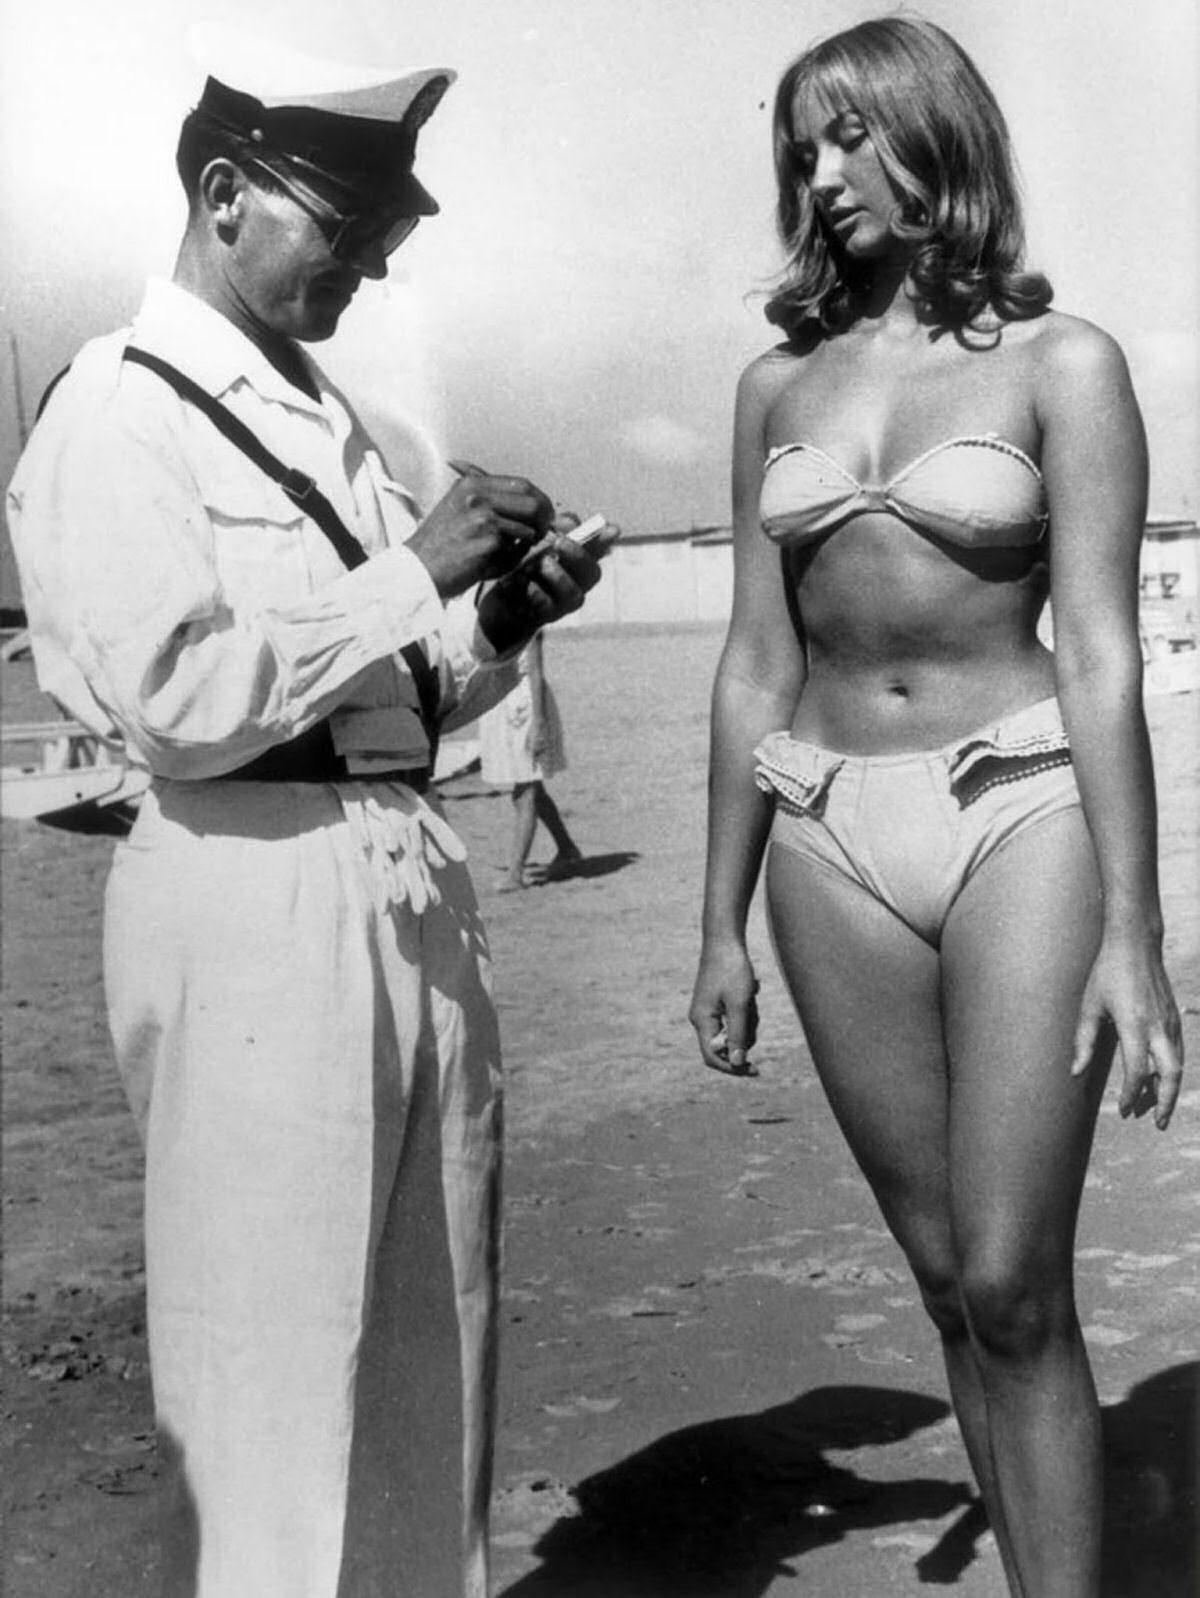 Há exatos 60 anos esta mulher era multada por usar biquíni na praia